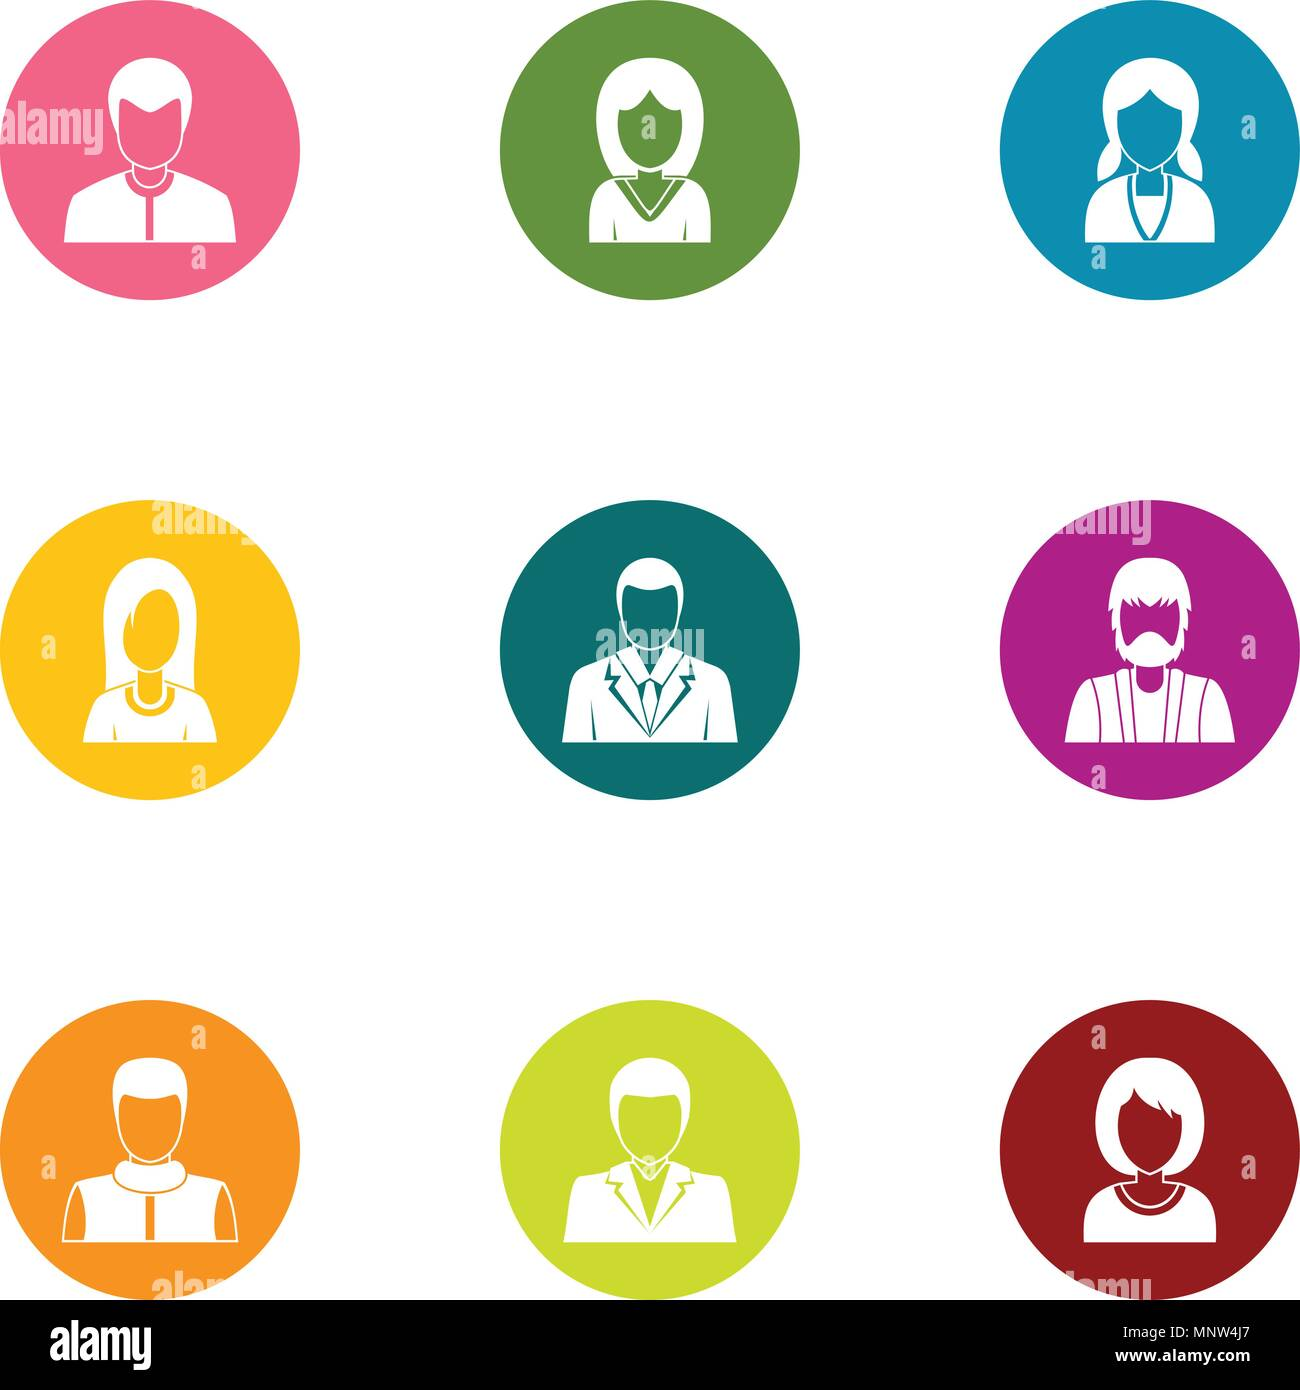 Personage icons set, flat style - Stock Image